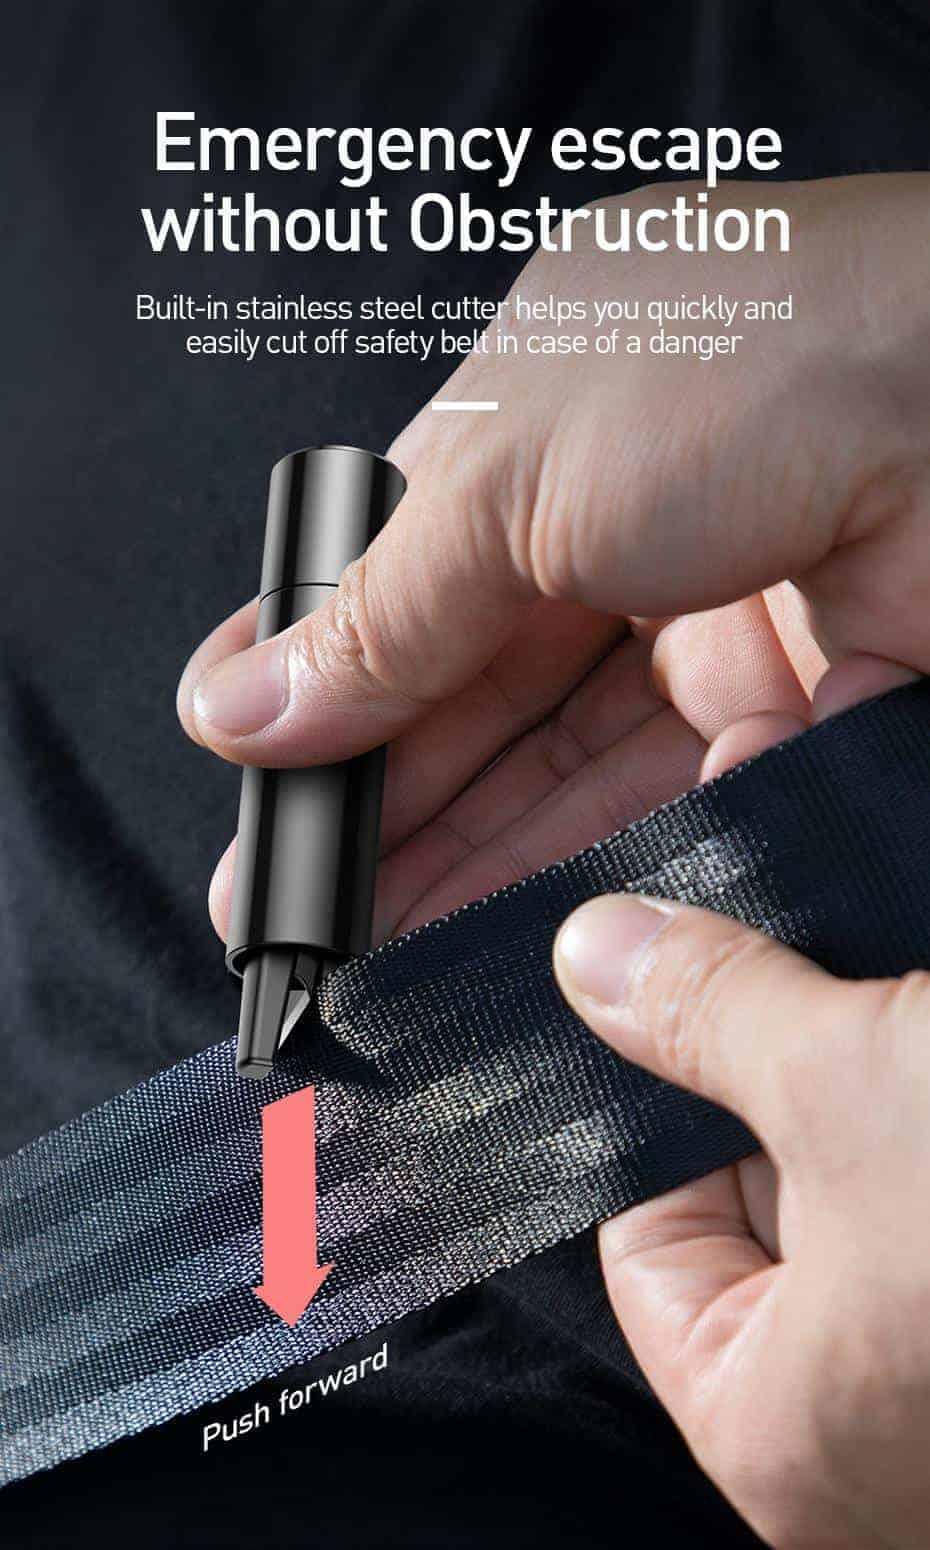 Dụng cụ cắt dây an toàn và phá kính khẩn cấp thương hiệu Baseus 2 in 1 cho xe ô tô